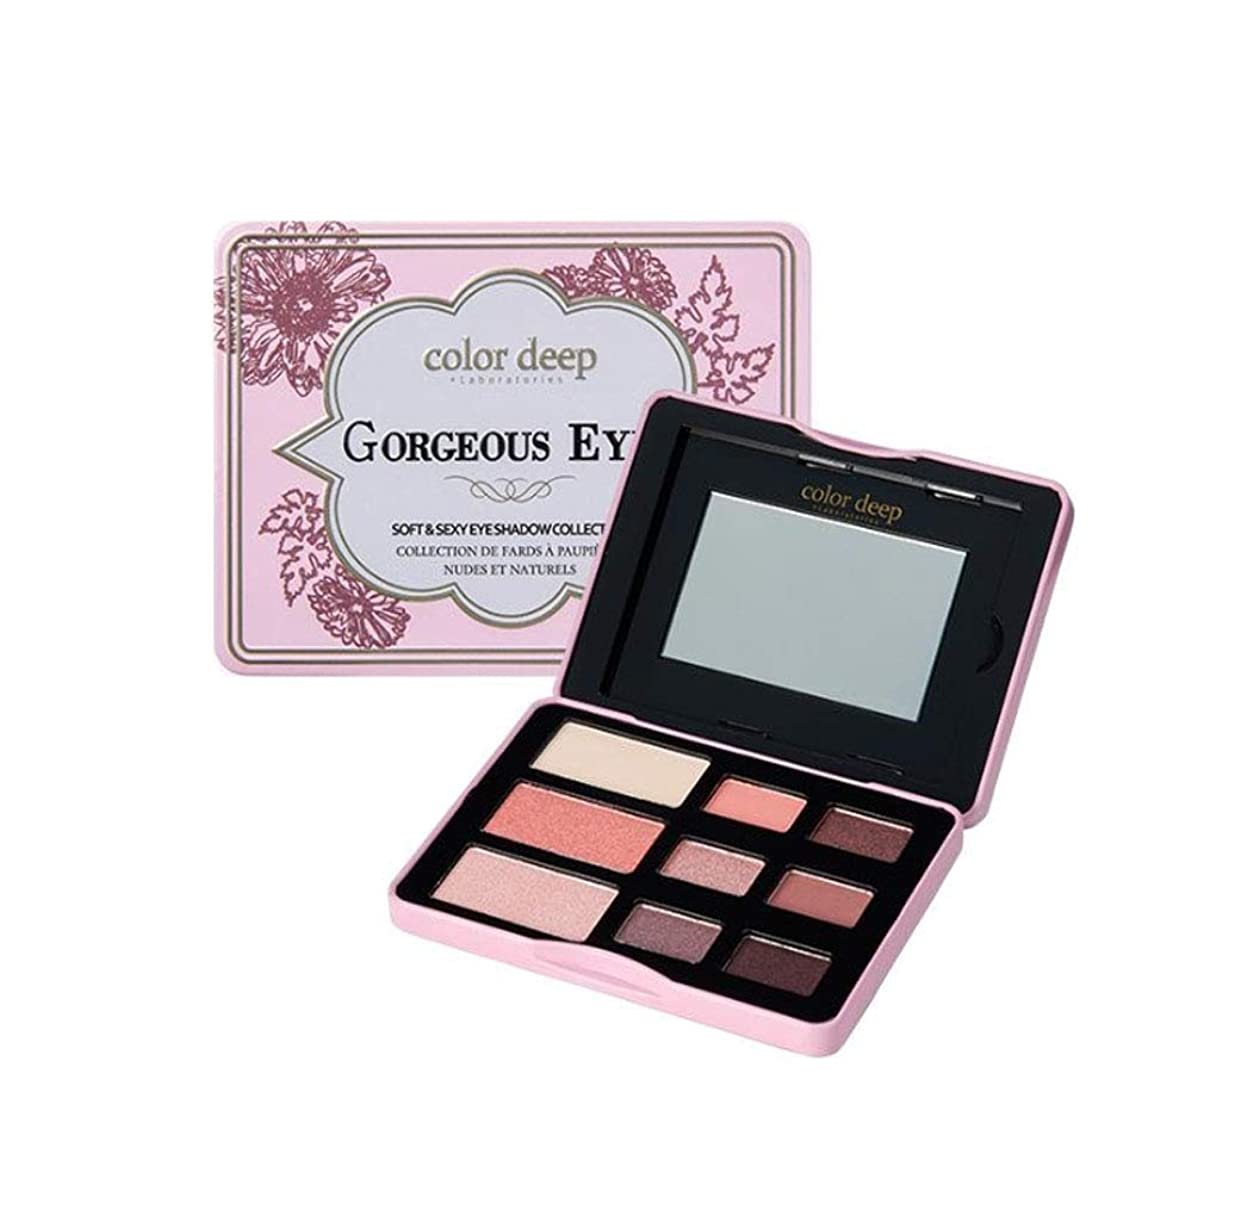 アンティークローマ人哲学Color Deep 9Color Gorgeous Eyeshadow Paletteアイシャドウパレット(並行輸入品)